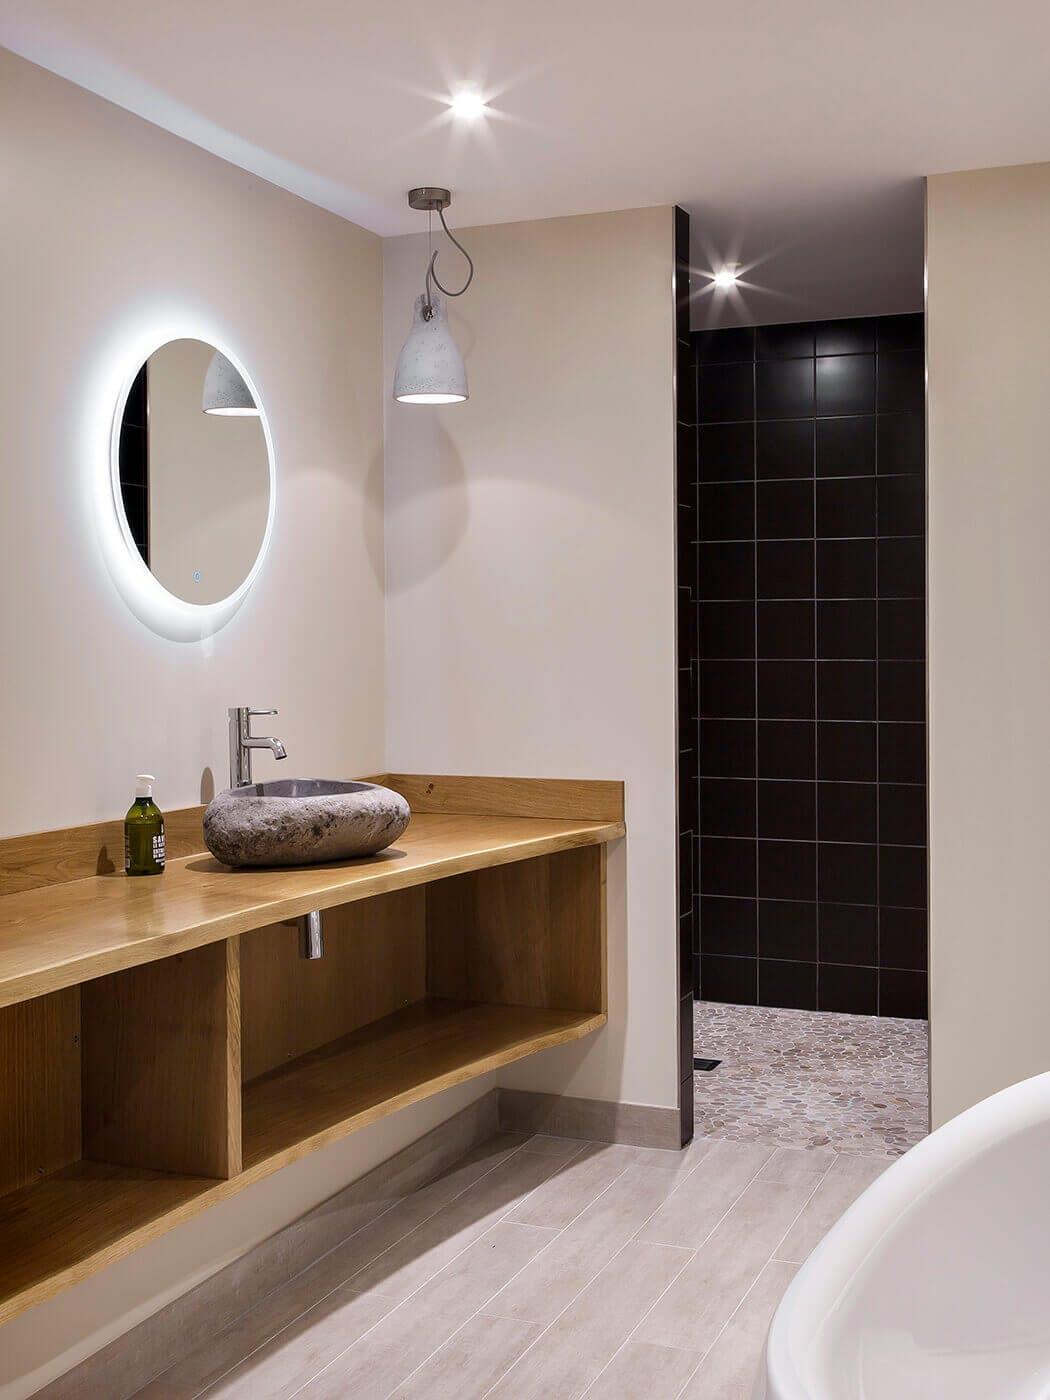 salle de bain haut de gamme aux finitions d'exception